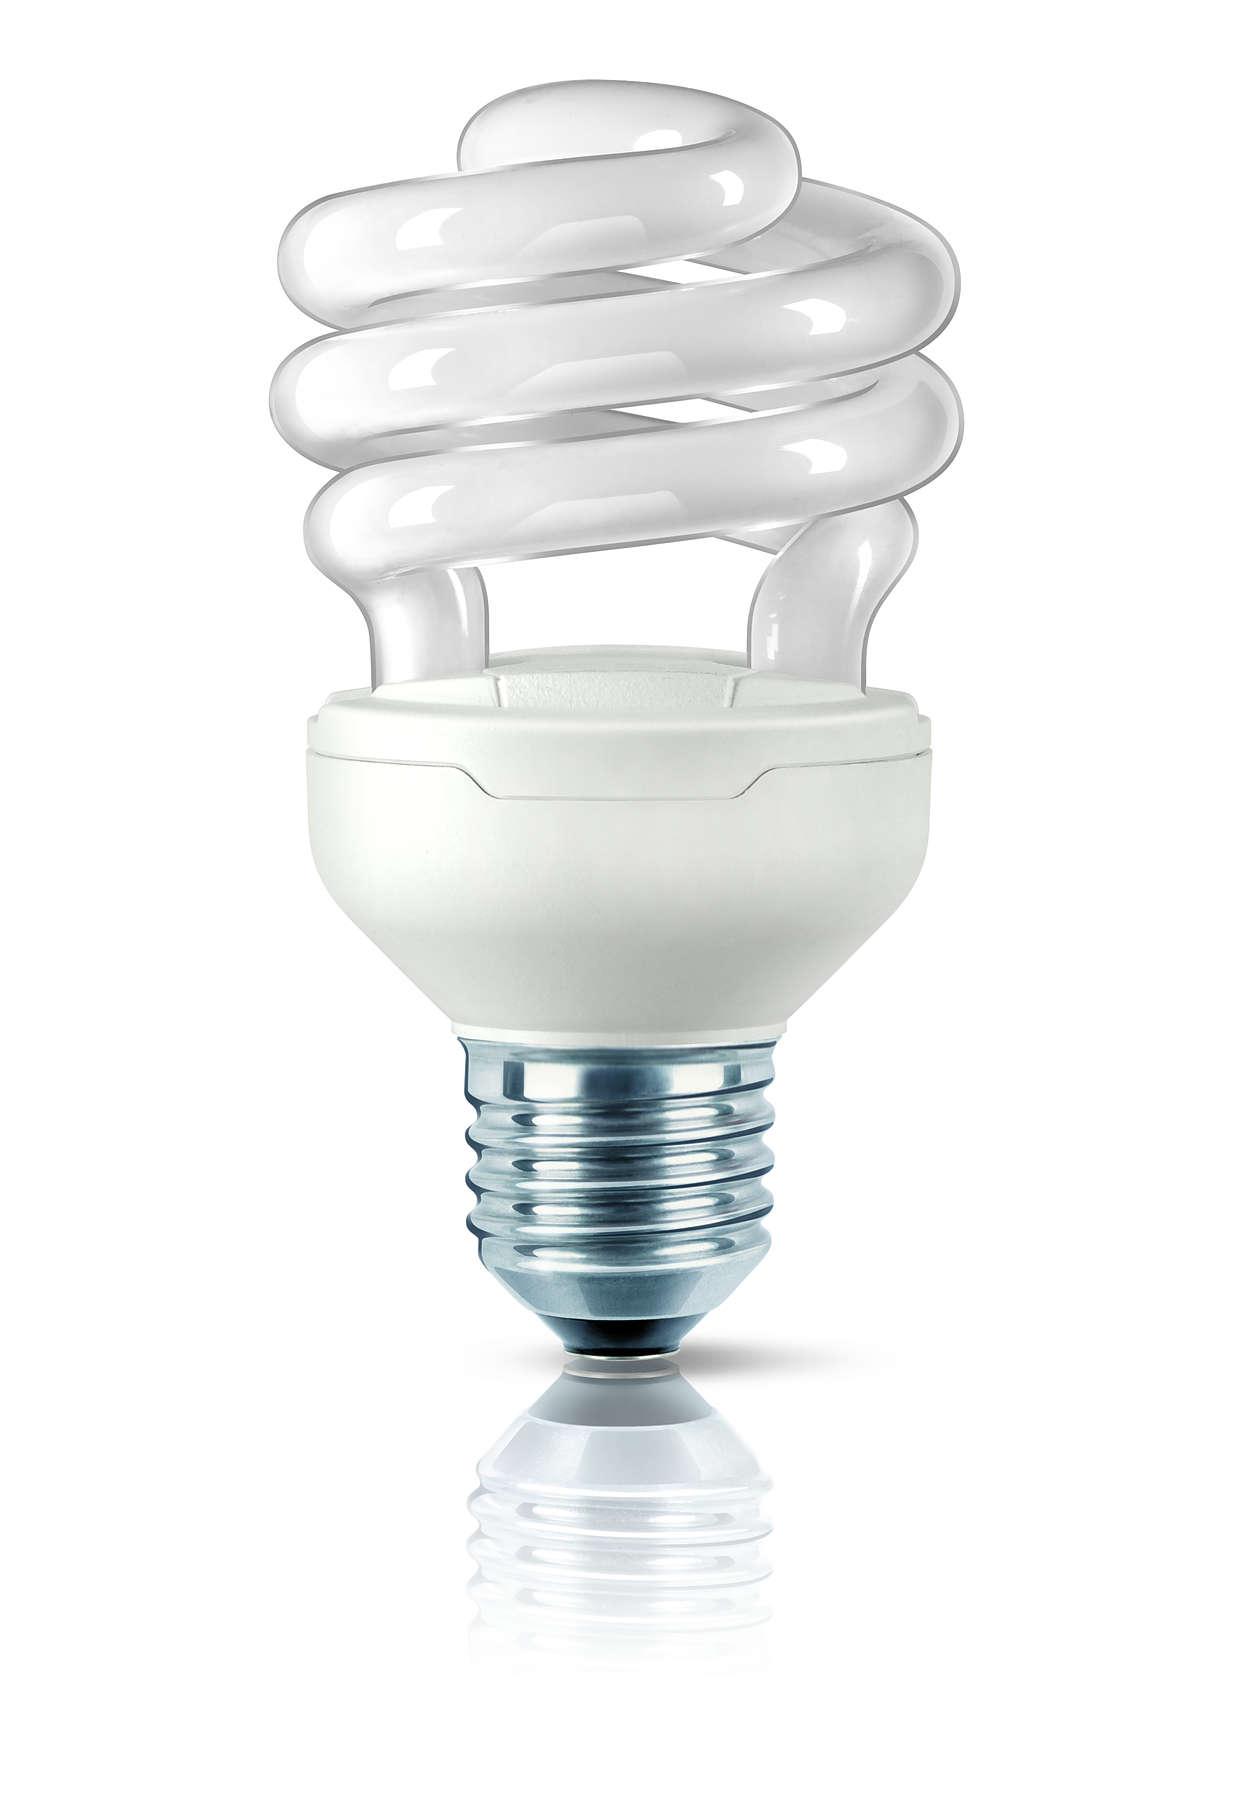 A legkisebb energiatakarékos lámpa